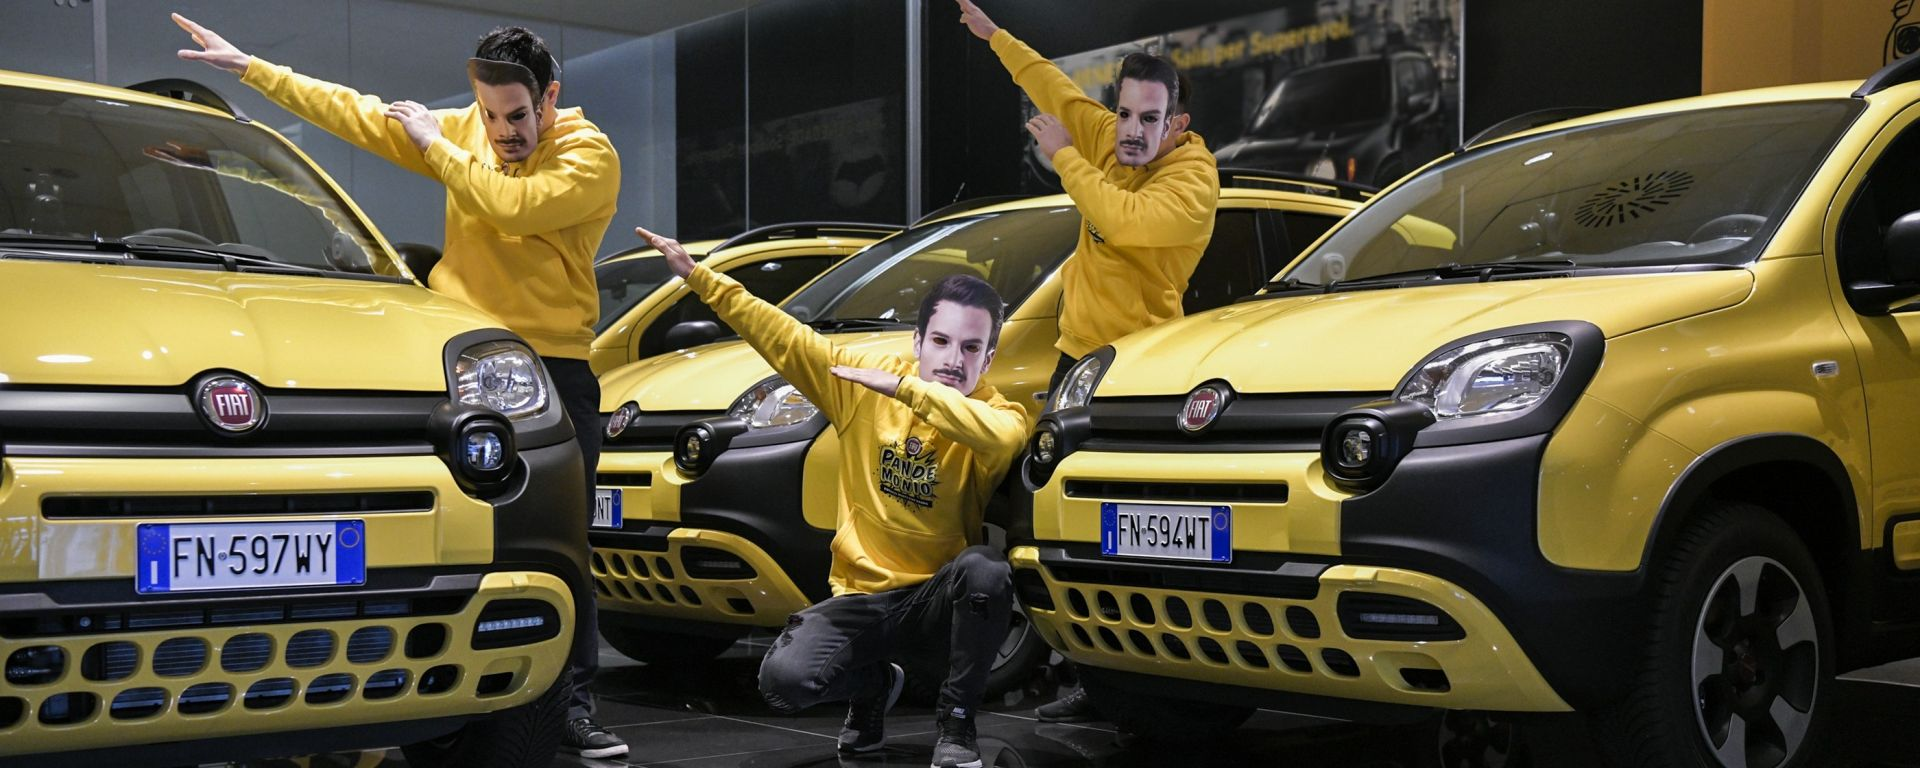 Fabio Rovazzi: con la Panda per le strade...andiamo a comandare